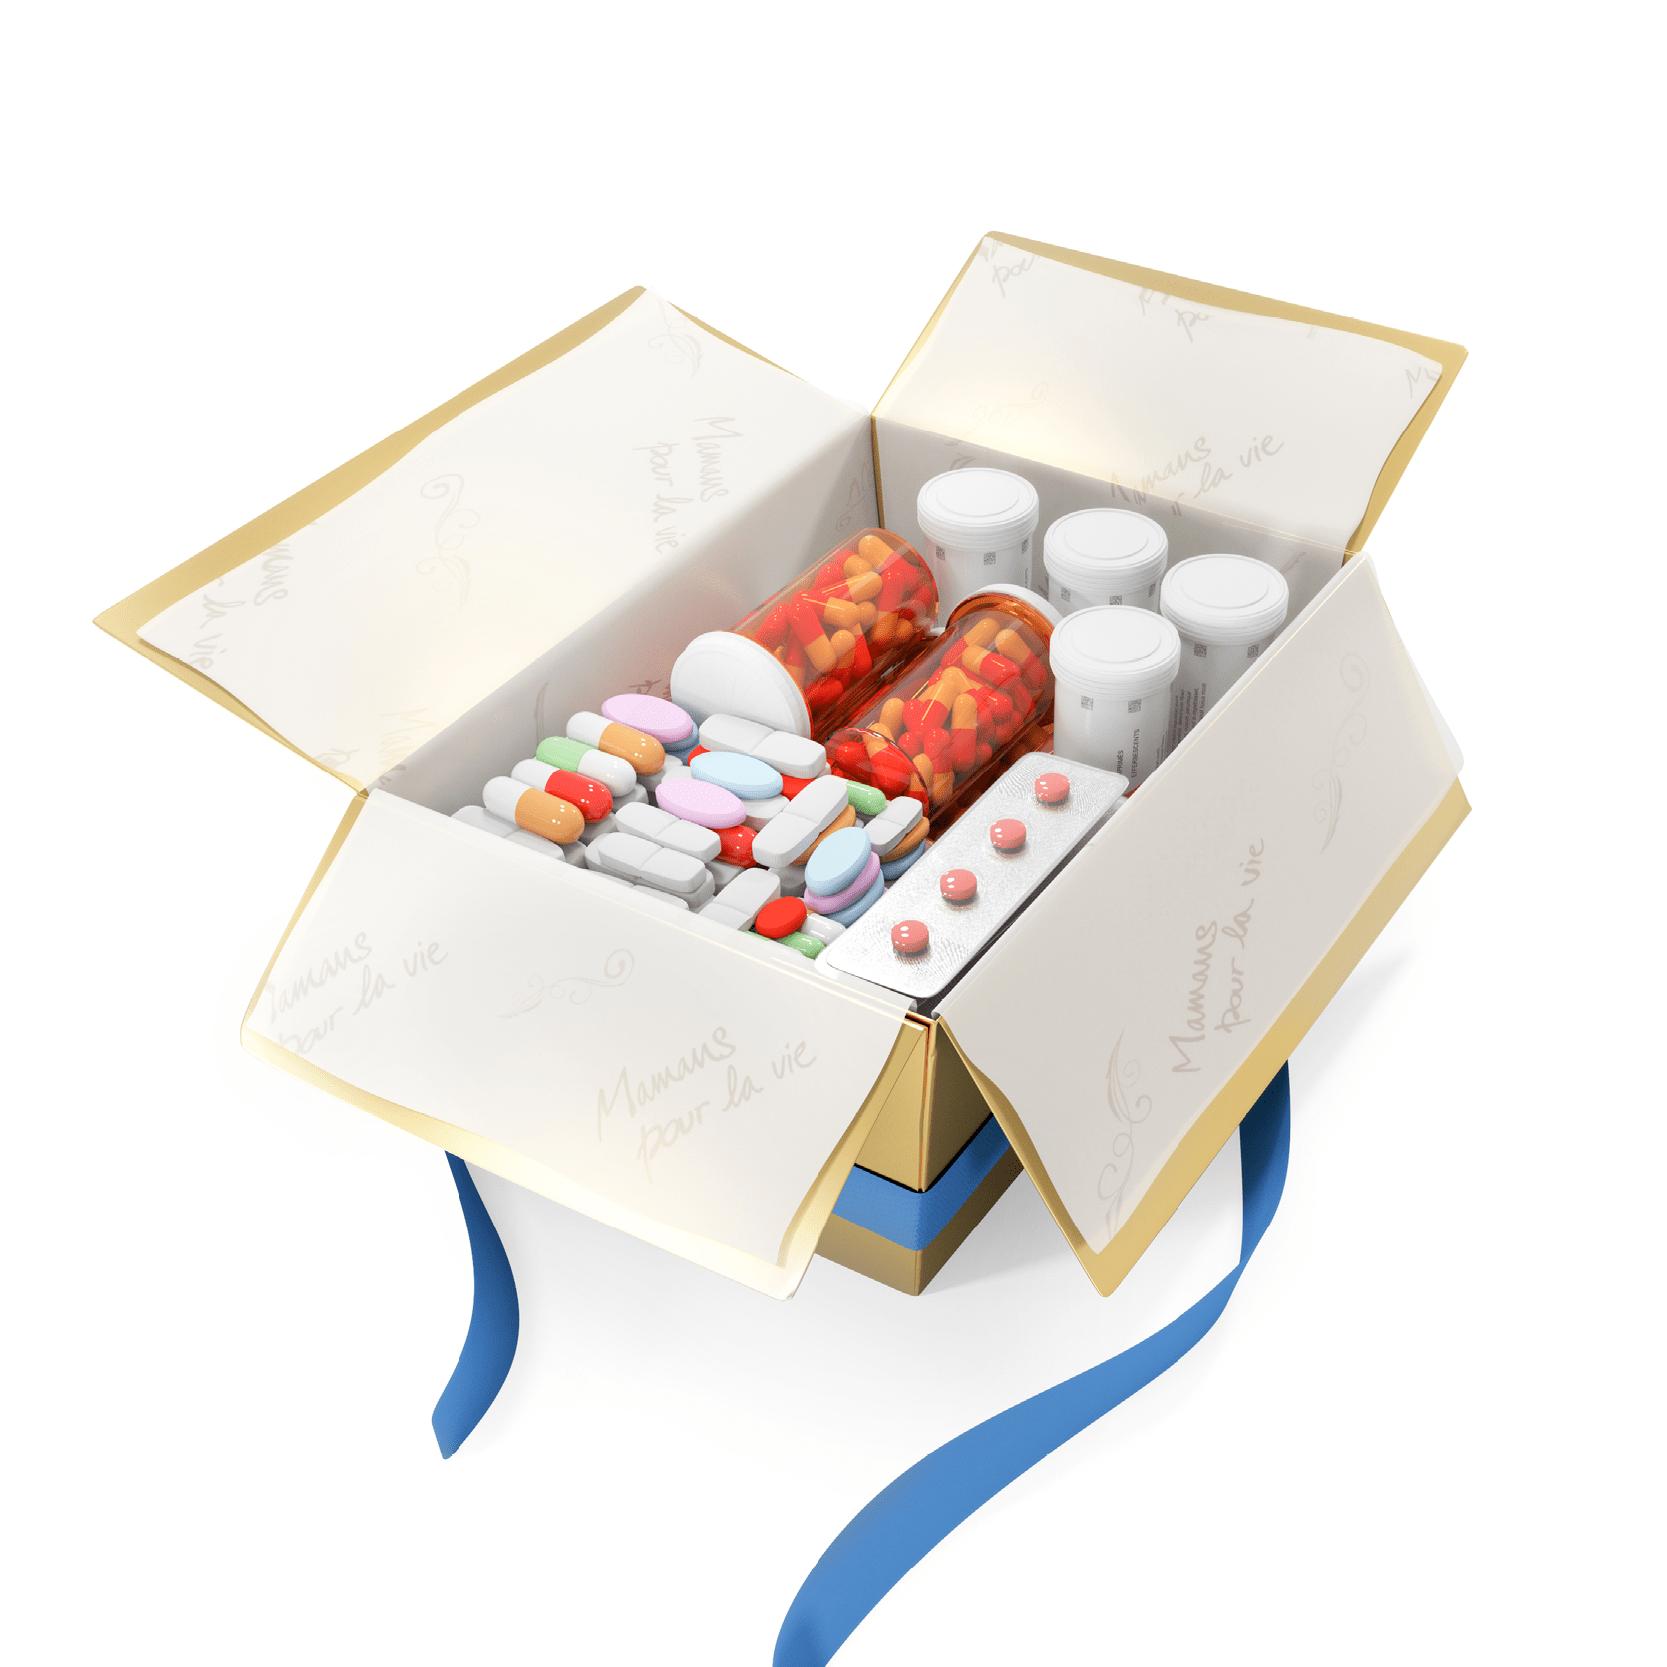 Une boîte de médicaments, 25€